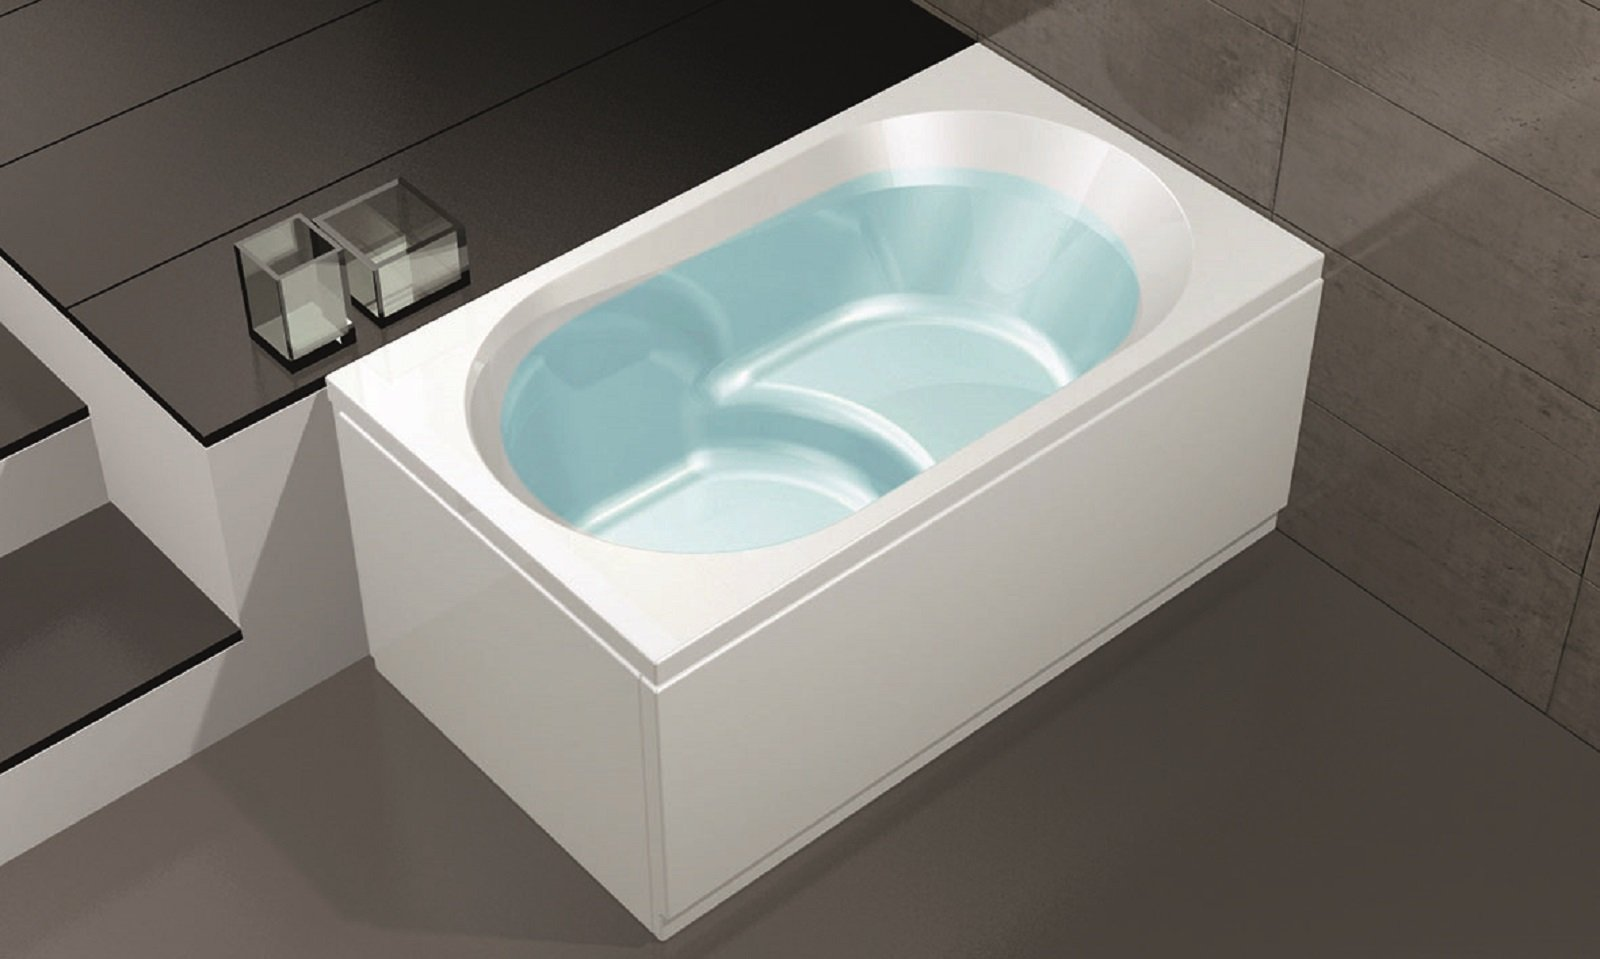 Vasca Da Bagno Dimensioni Ridotte : Vasche piccole dalle dimensioni compatte e svariate misure e forme